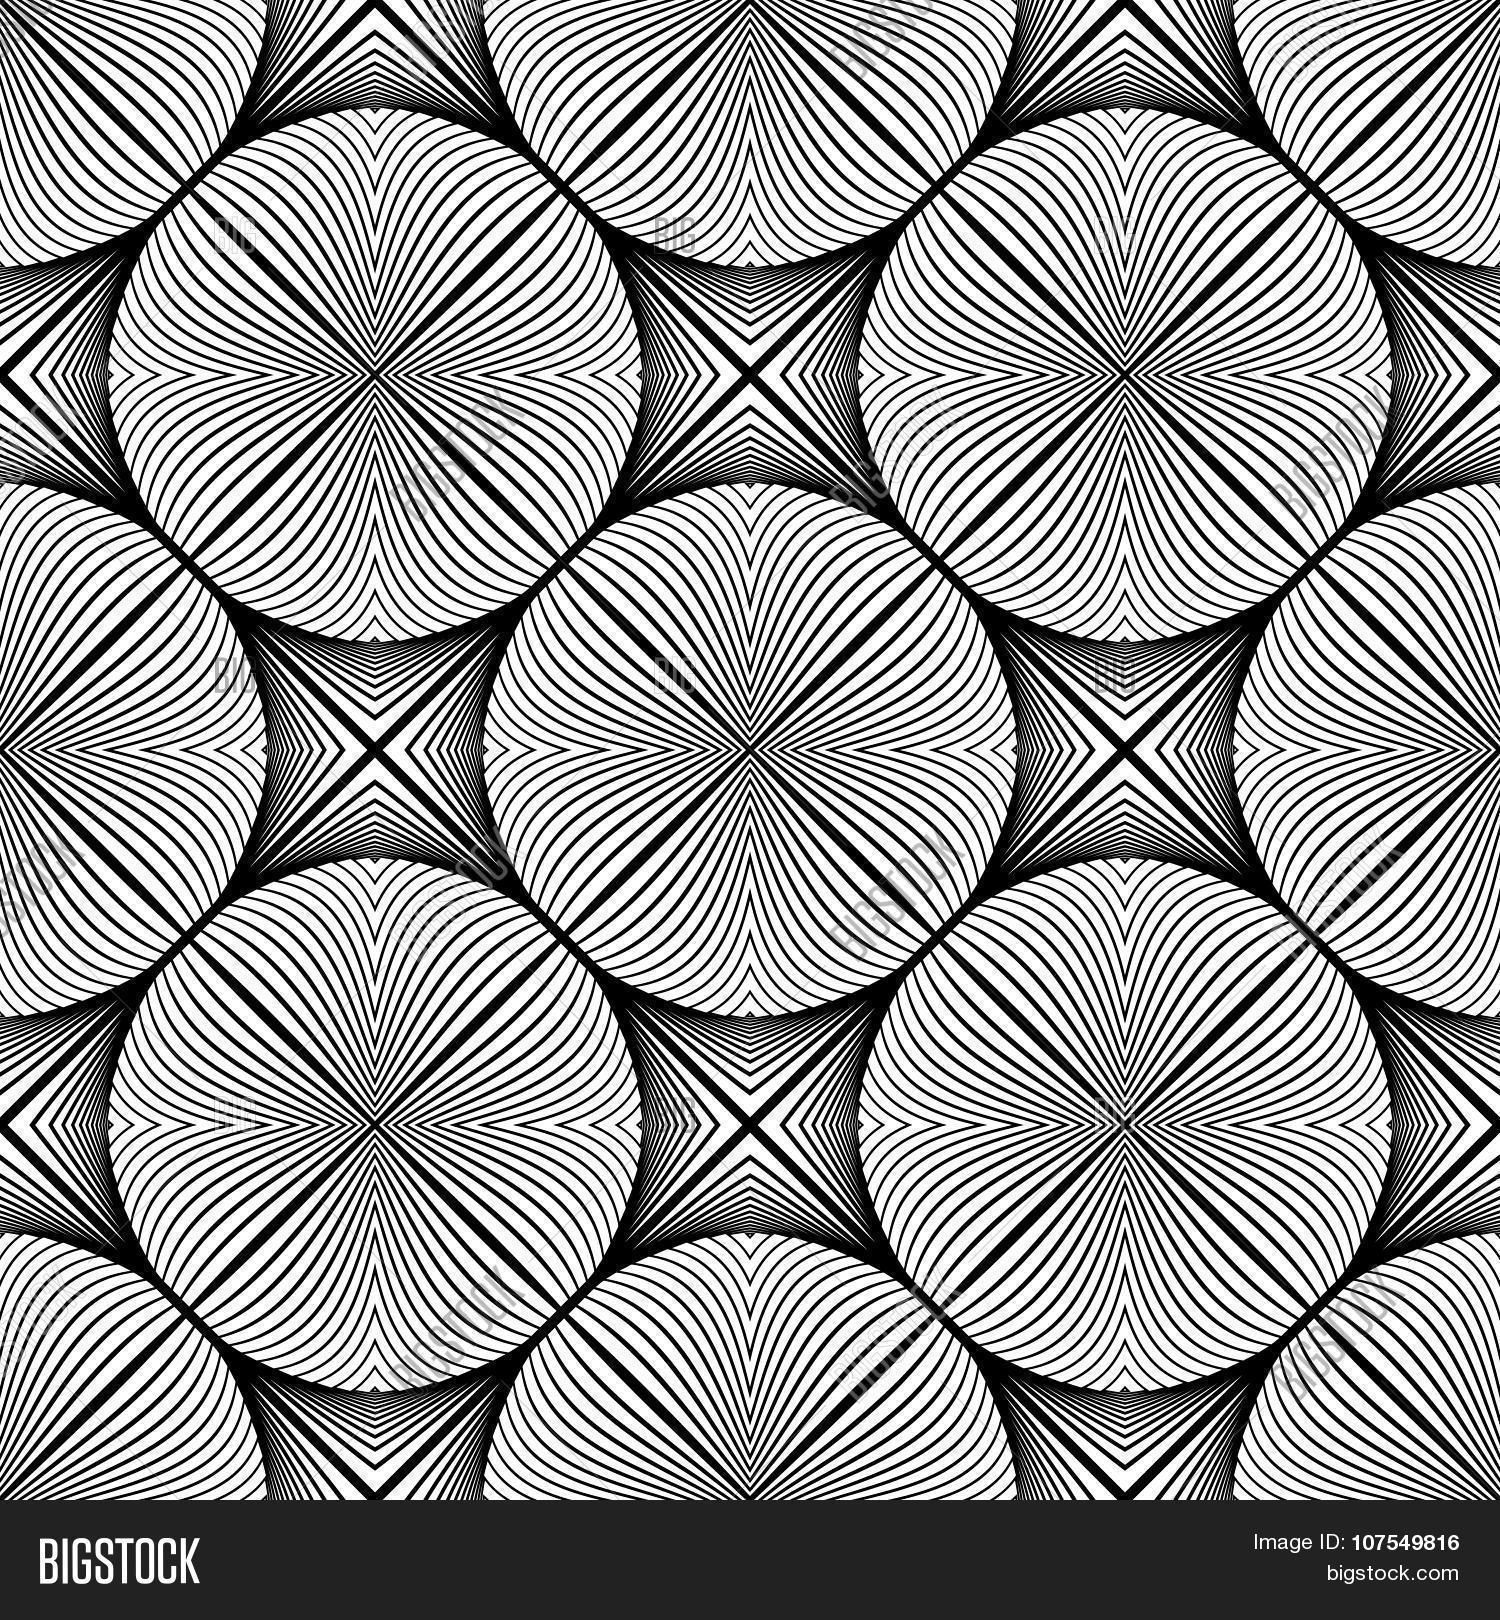 Design seamless monochrome ellipse pattern patterns half third